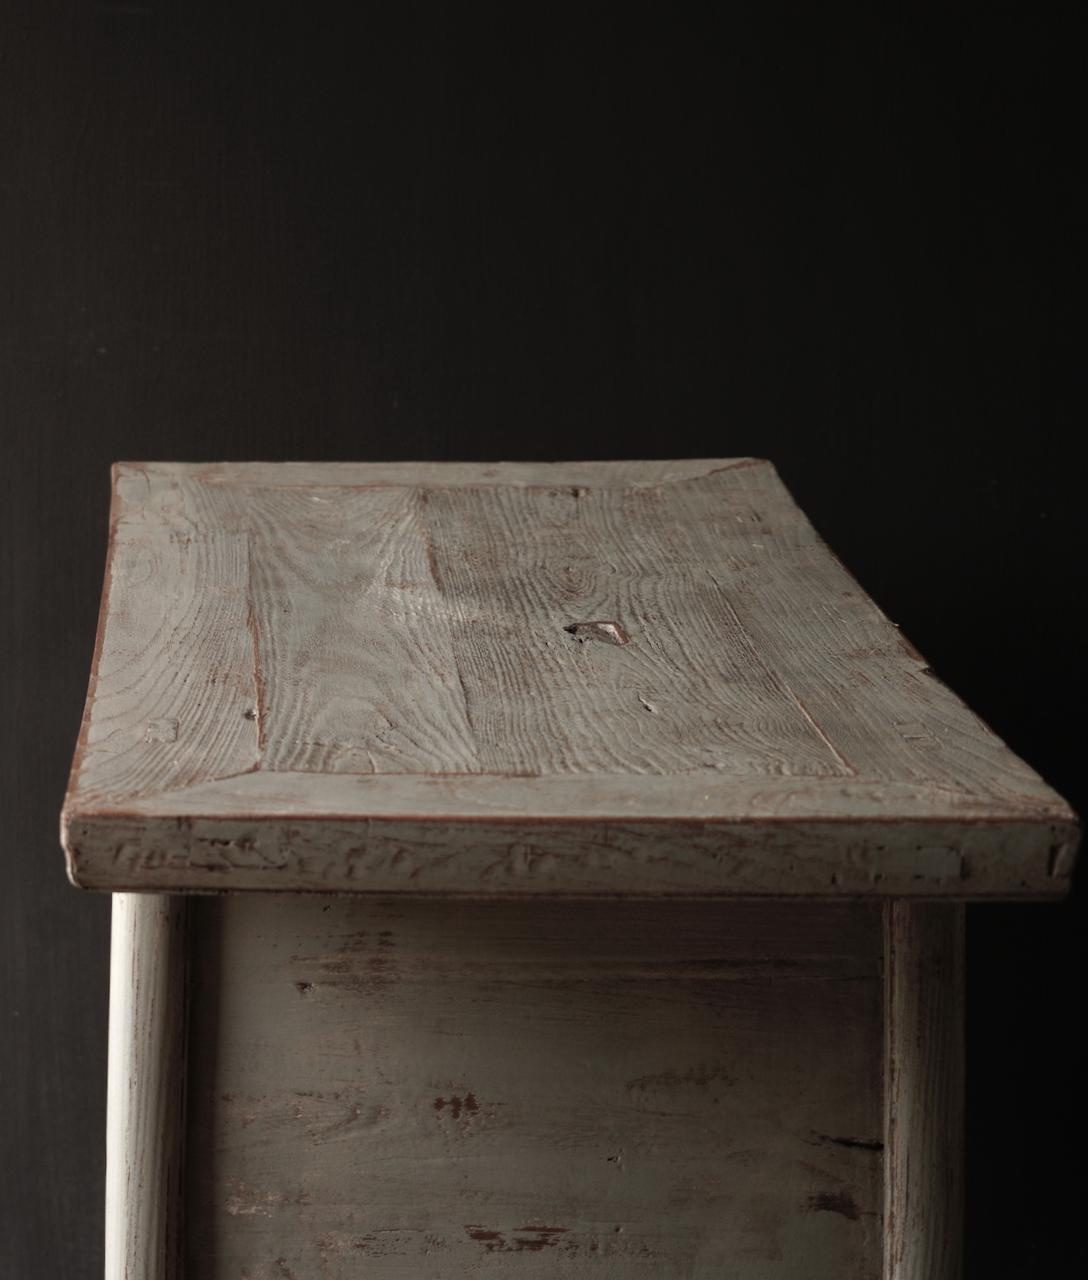 Authentisch Einzigartiger alter Wandtisch / Beistelltisch / Badezimmermöbel mit grau lackierten Schubladen-7